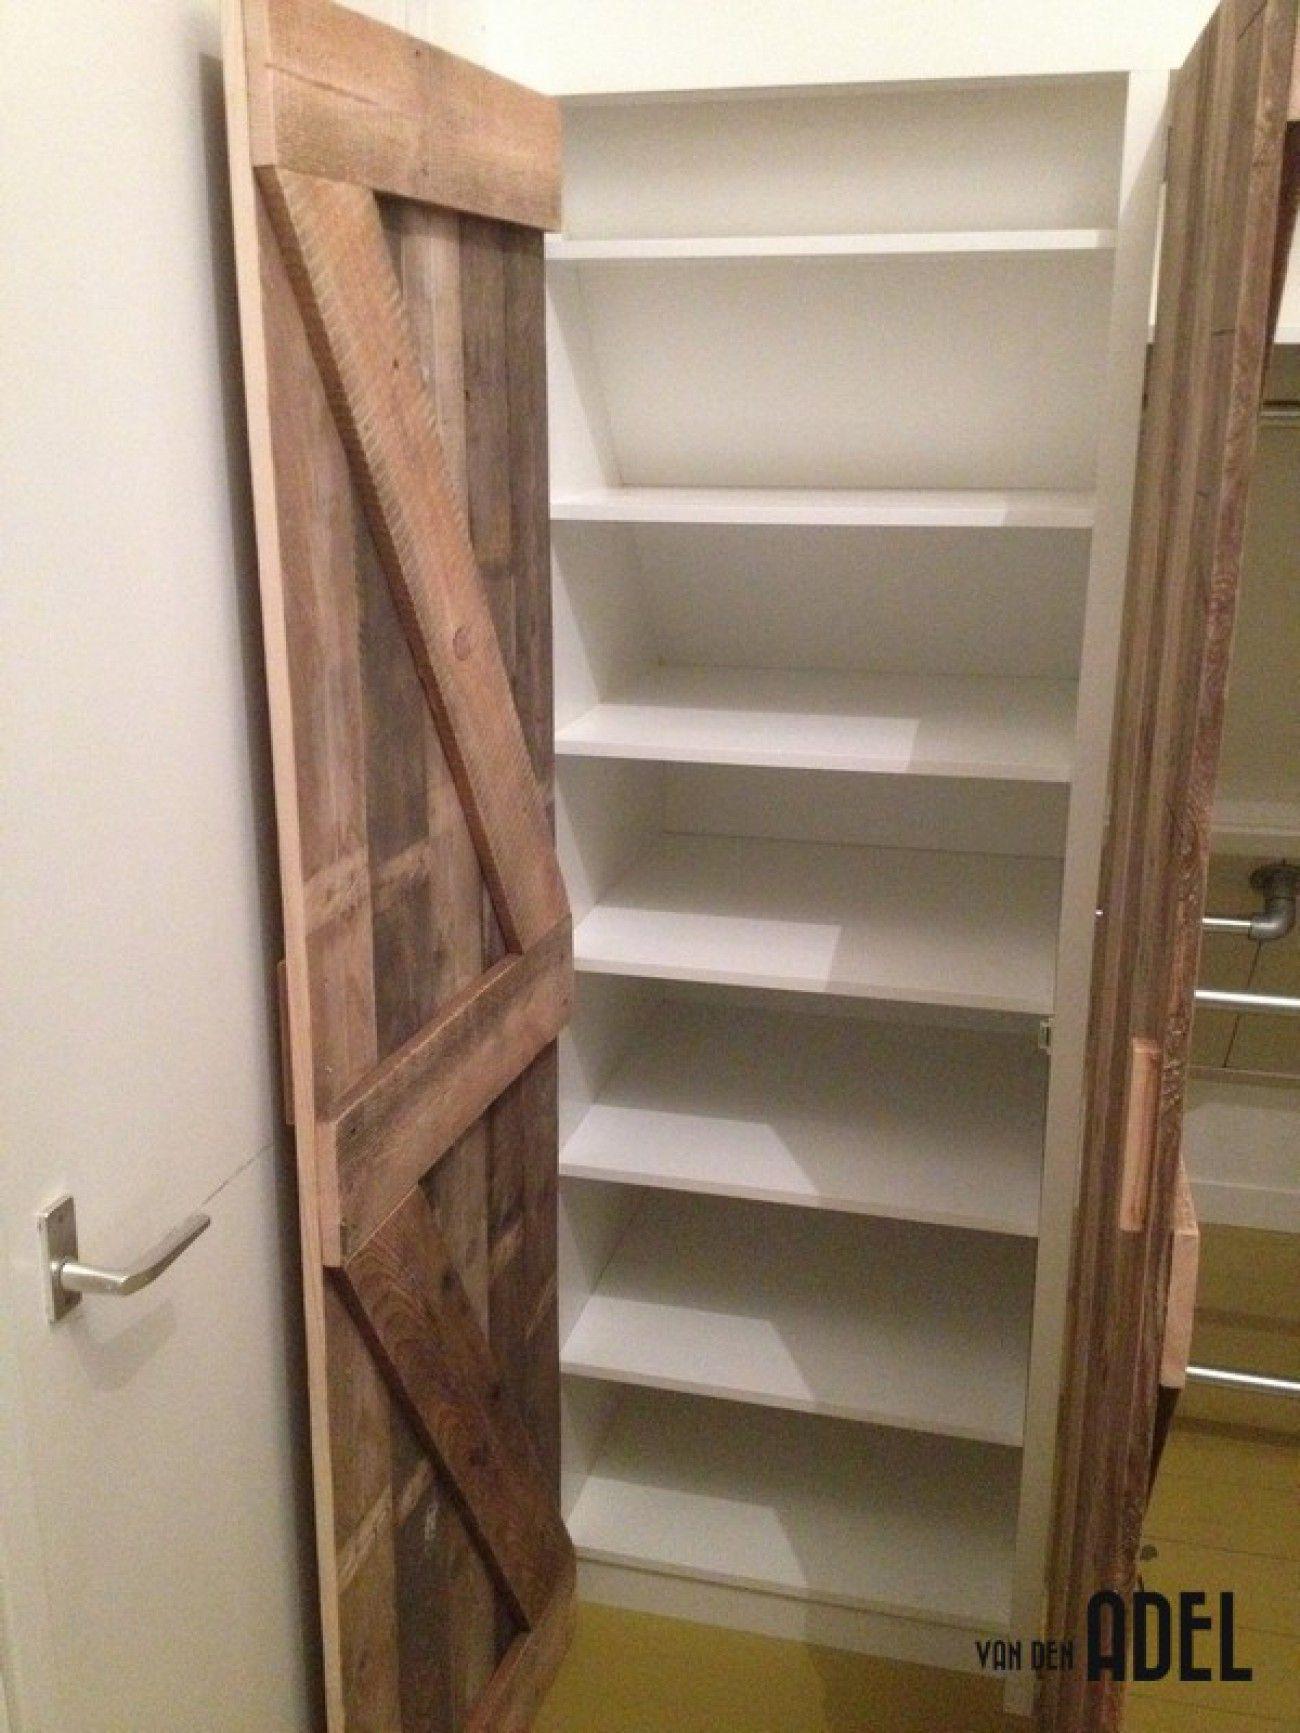 Planken Voor Kledingkast.Kledingkast Gemaakt Onder Schuin Dak Gemaakt Van Oud Houten Vloer